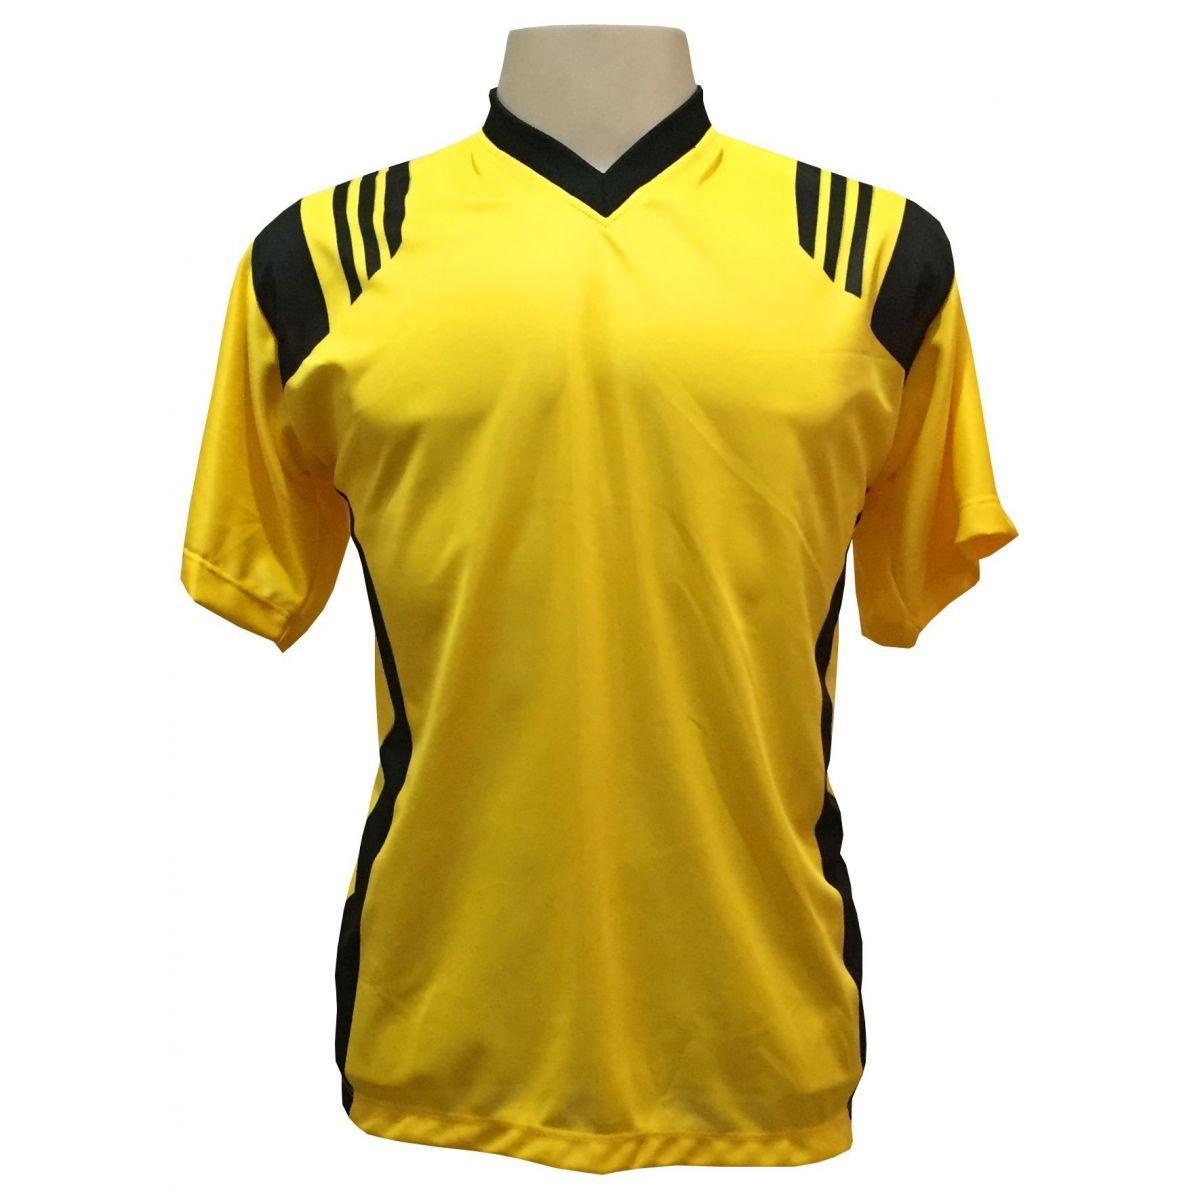 Uniforme Esportivo com 12 camisas modelo Roma Amarelo/Preto + 12 calções modelo Copa Preto/Amarelo + Brindes